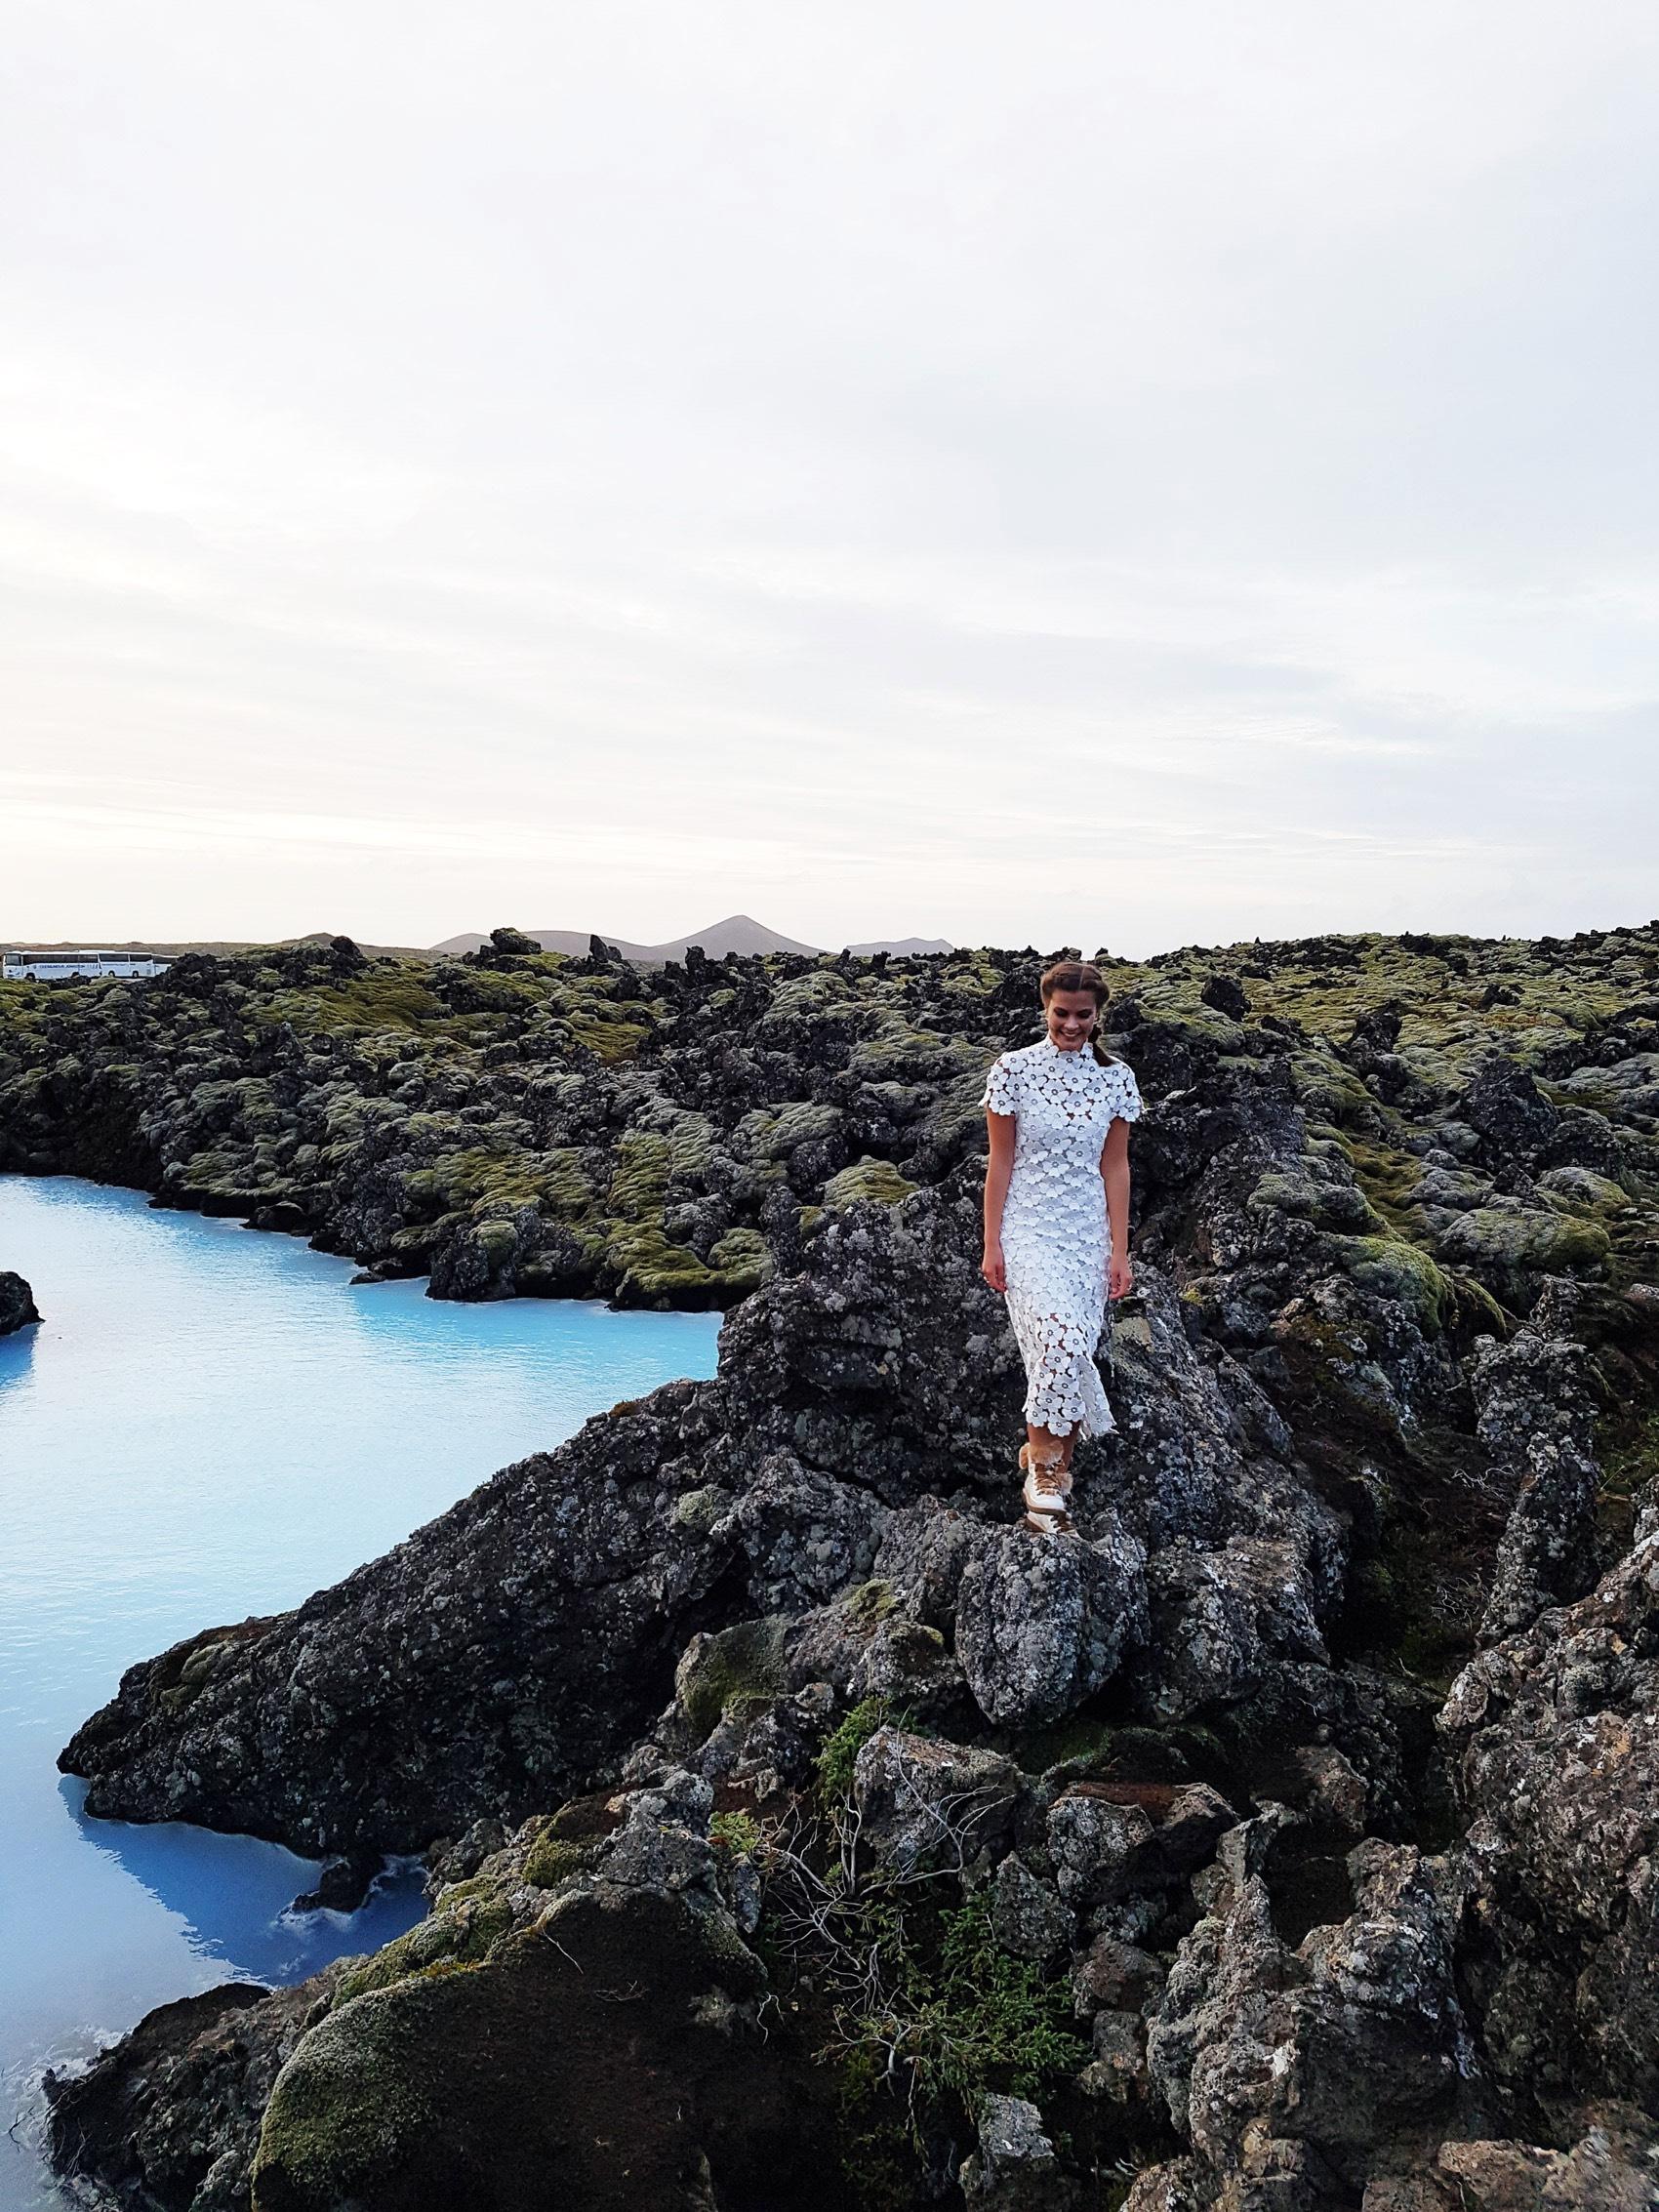 reisebericht-island-erfahrungsbericht-reise-travelblogger-deutschland-fashiioncarpet